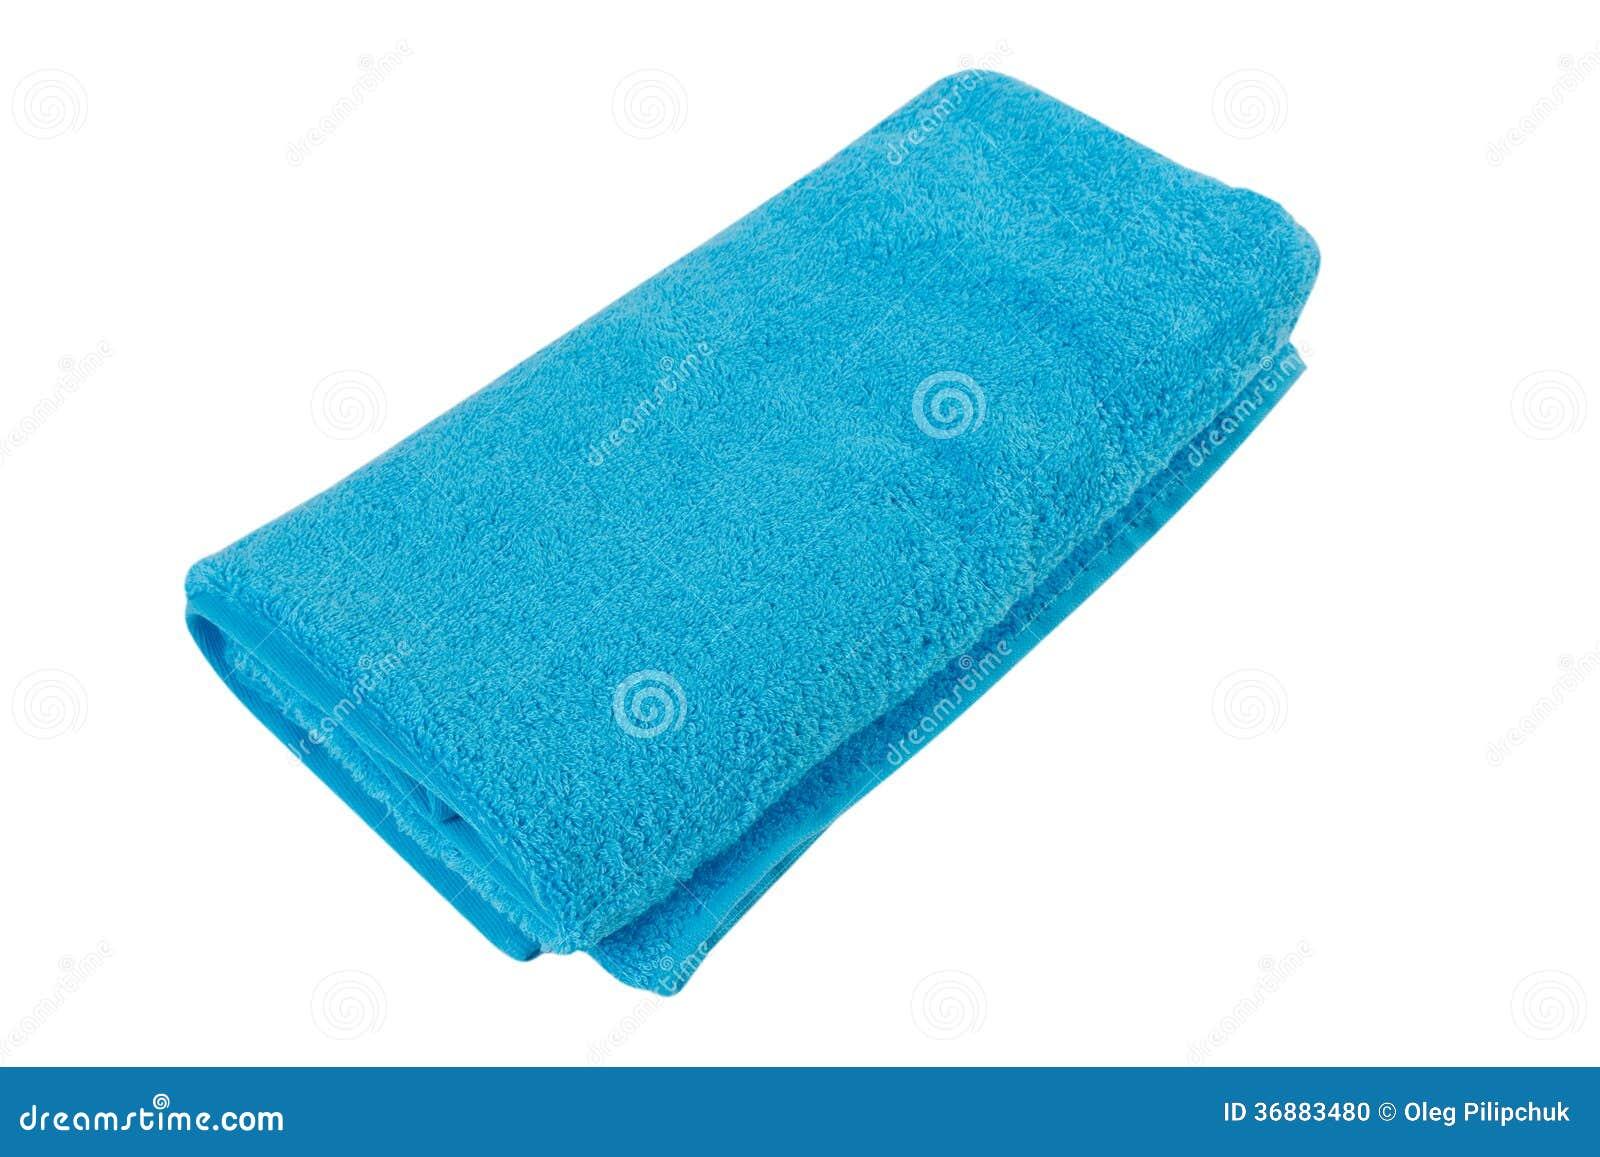 Download Asciugamano su bianco fotografia stock. Immagine di background - 36883480